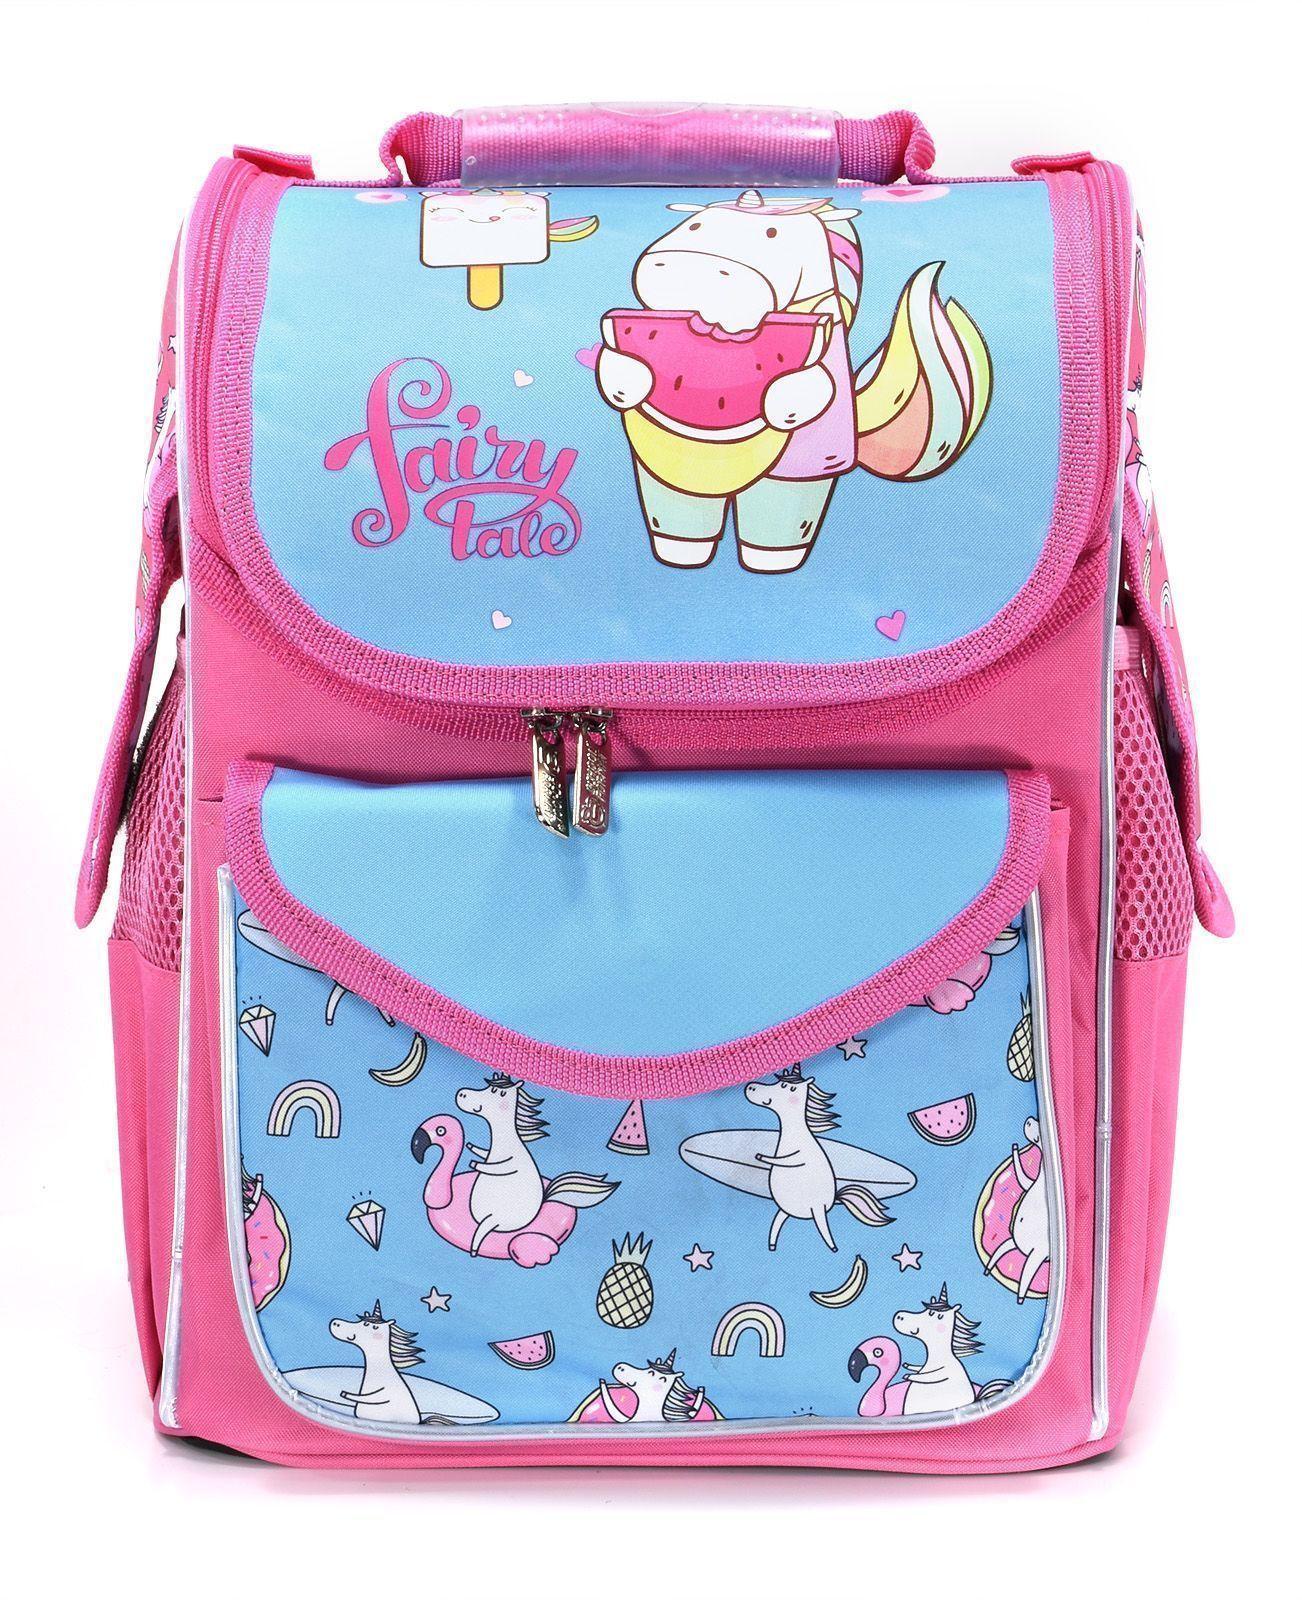 Рюкзак Schoolformat Unicorn, модель BASIC, жесткий каркас, односекционный, 36х26х20 см, 15 л, для девочек